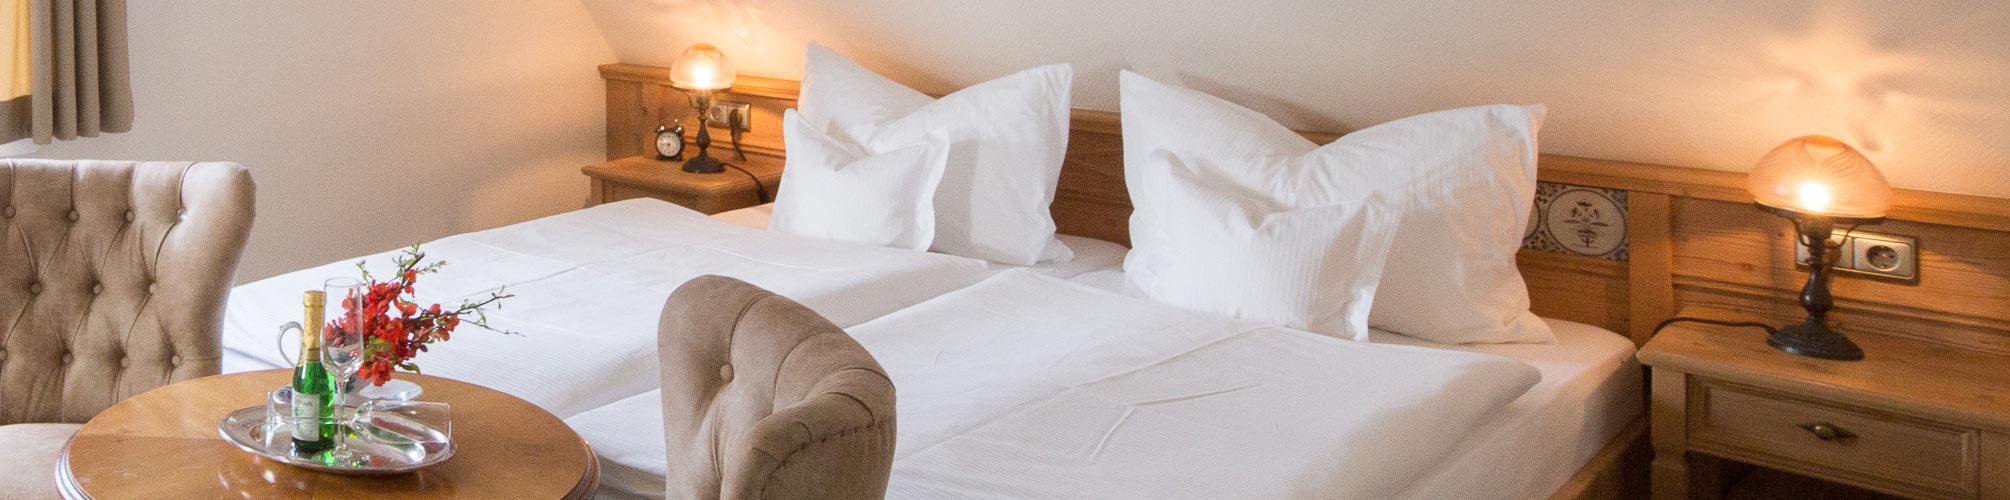 hotel-pension-uetjkiek-hotelzimmer-9